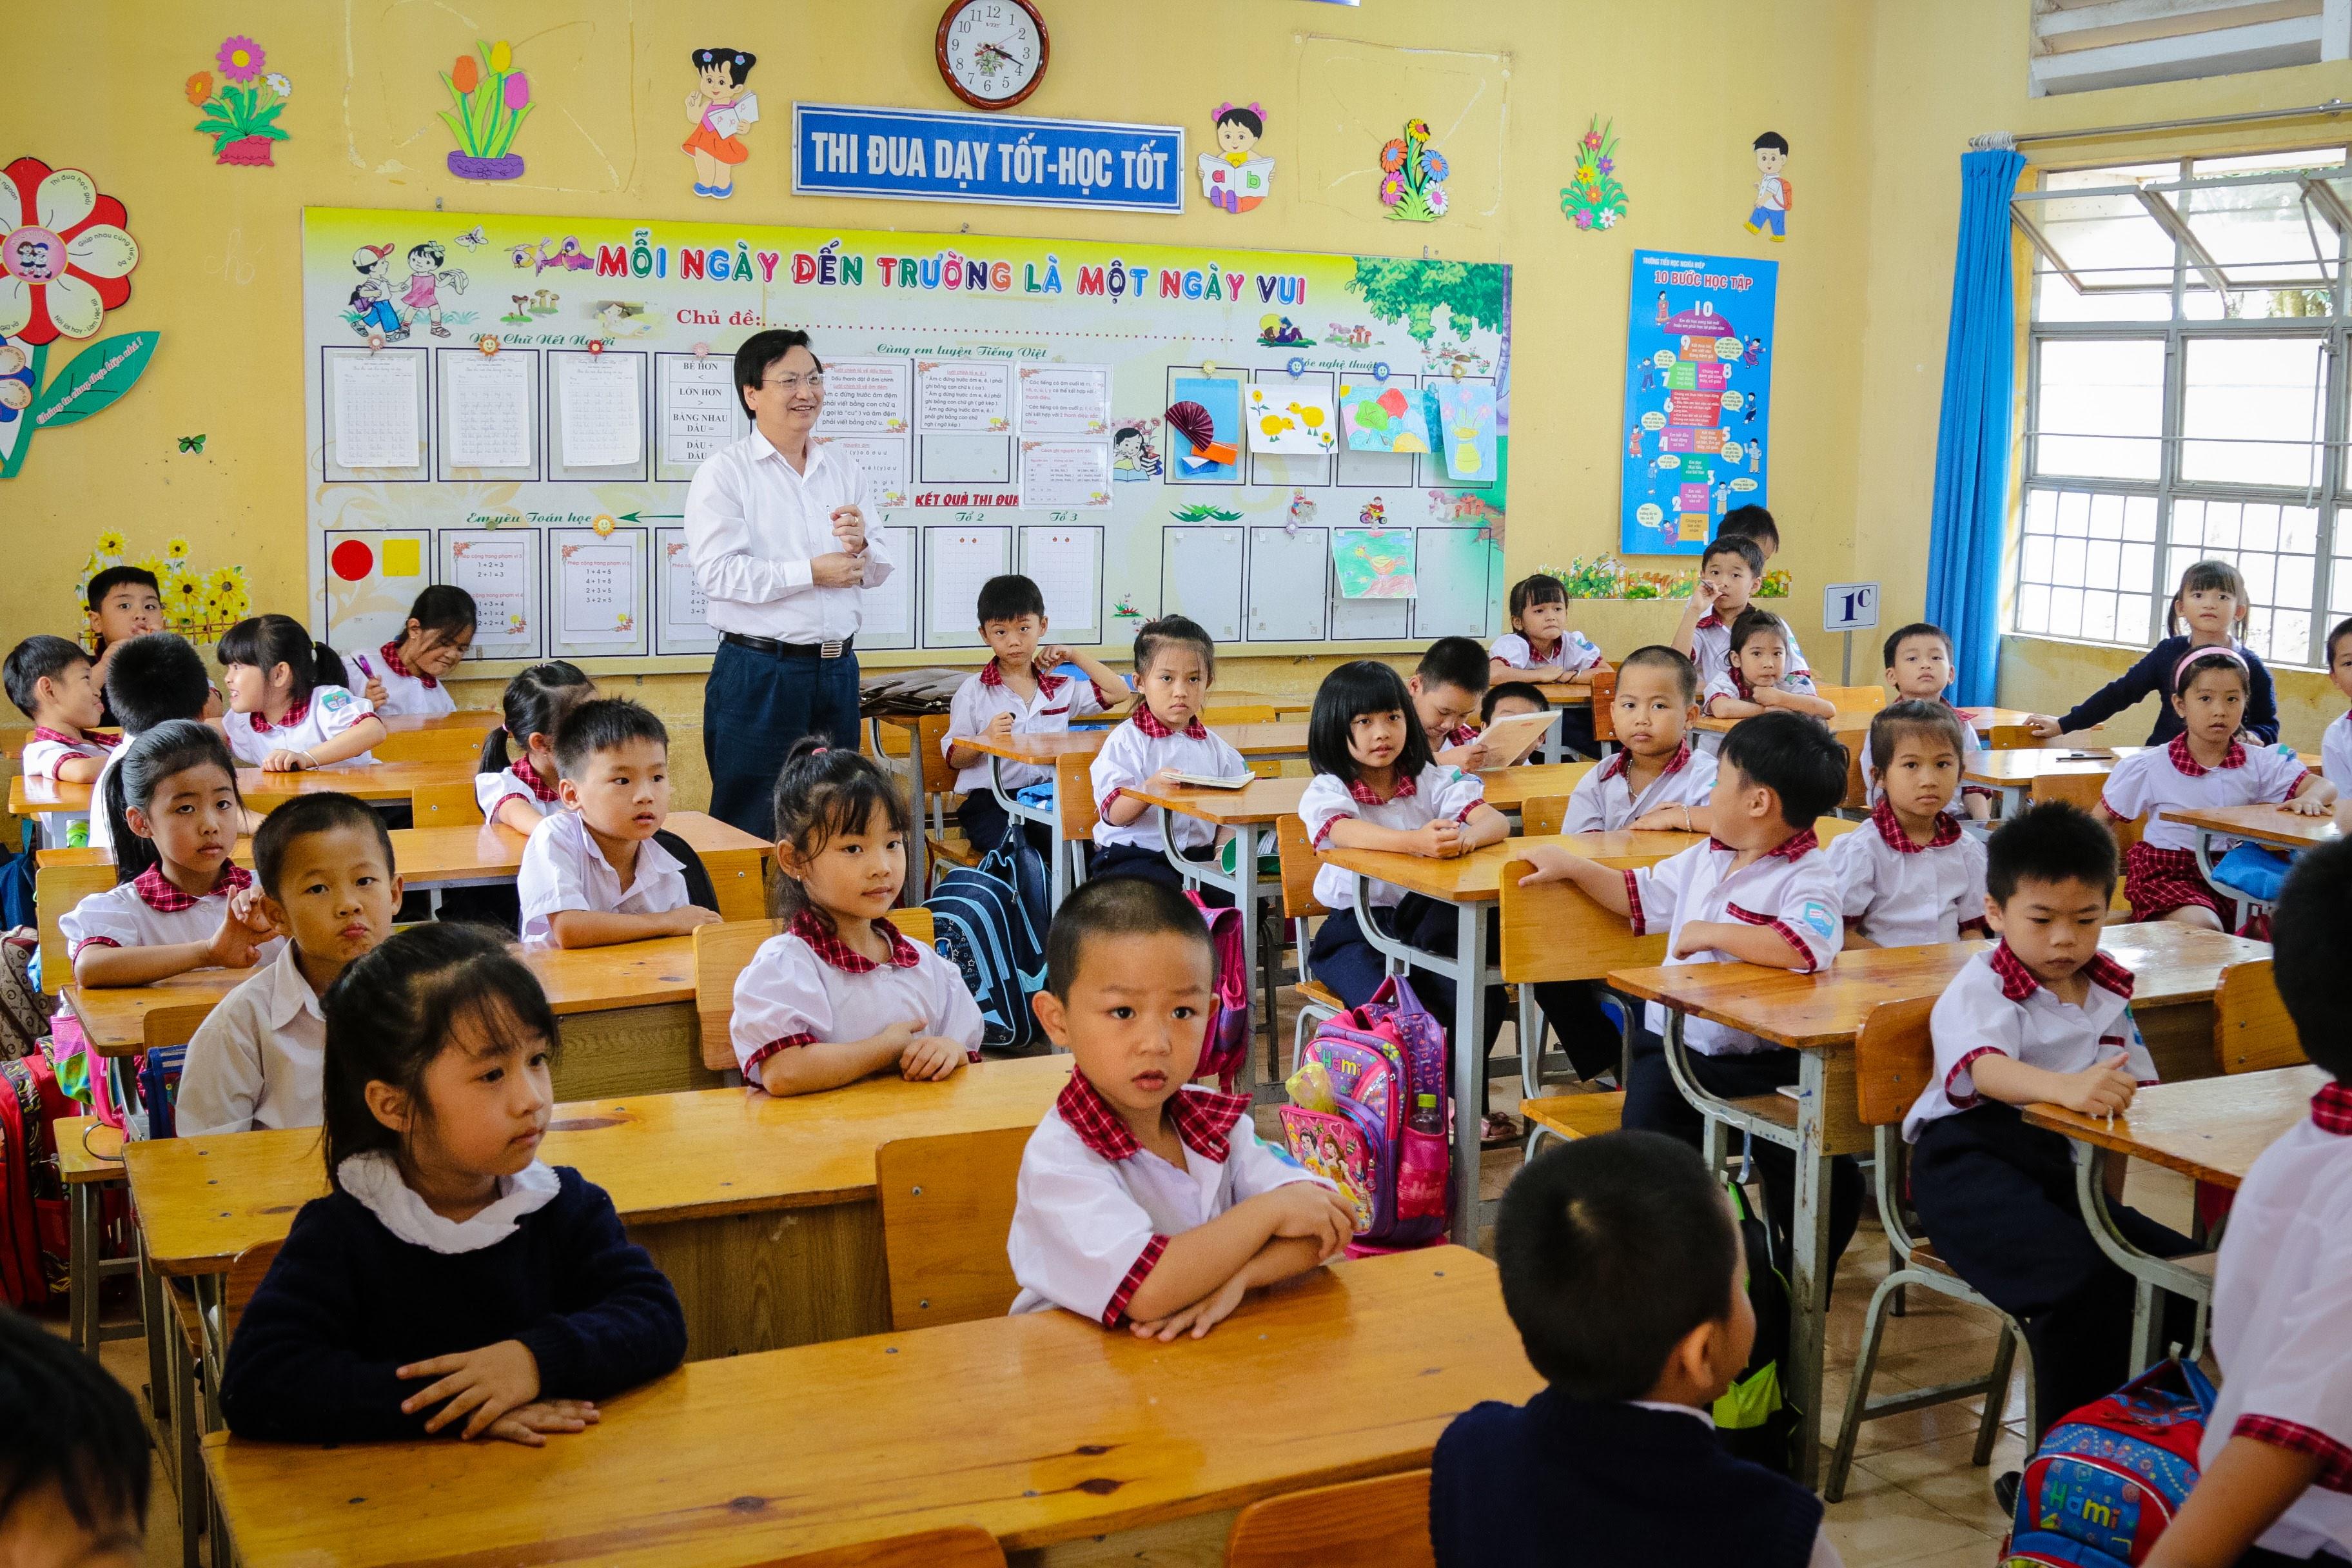 Cán bộ – Giáo viên công nhân viên và học sinh trường Tiểu học Nghĩa Hiệp vui mừng đón BGD&DT về thăm trường